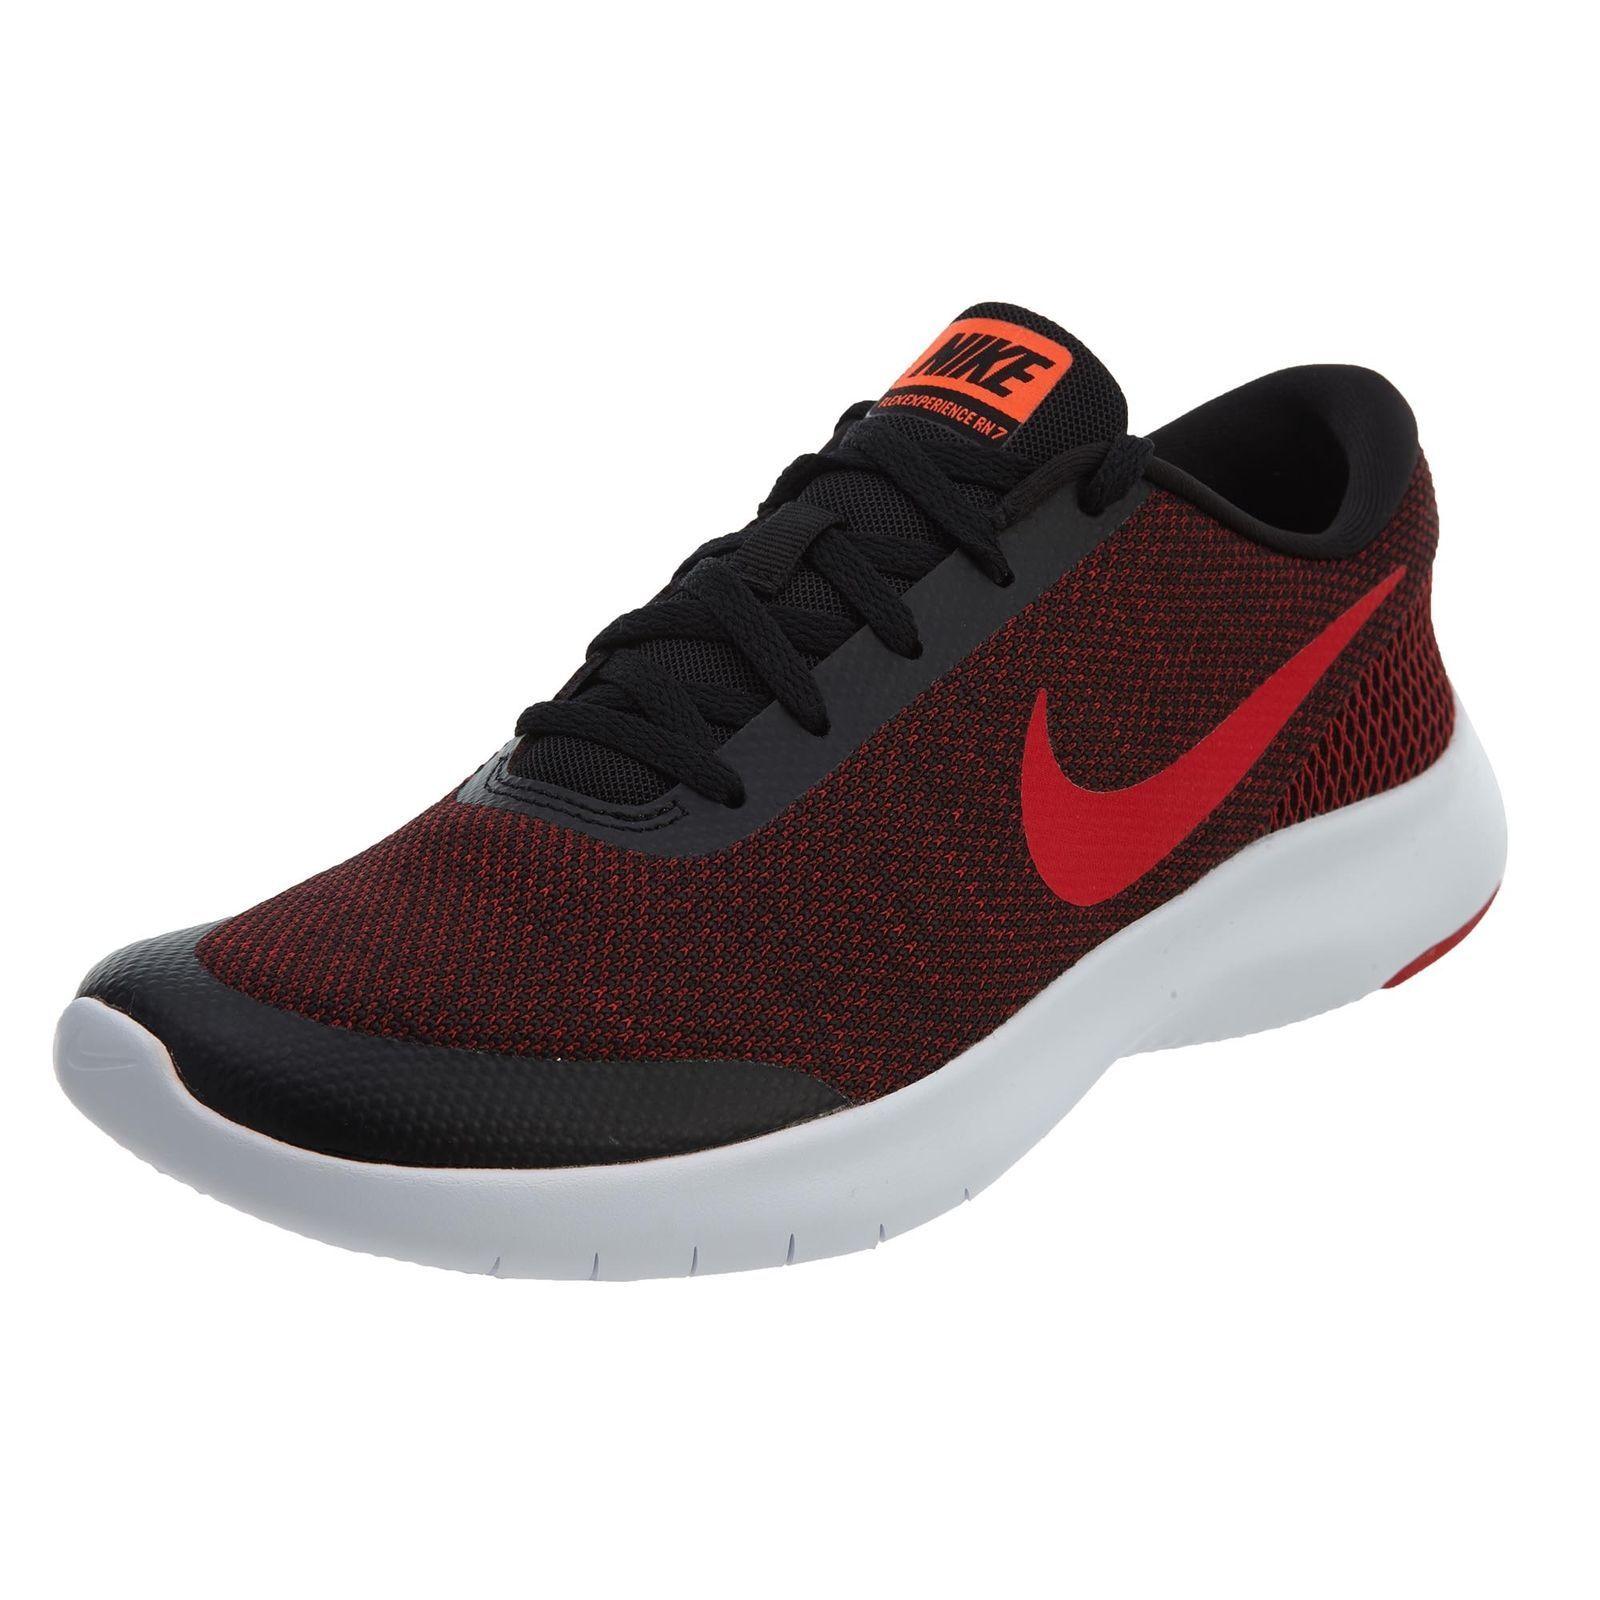 Gli uomini sono nike flex esperienza rn 7 scarpe da corsa nero   rosso sz 8 908985 006 | Cheapest  | Uomo/Donna Scarpa